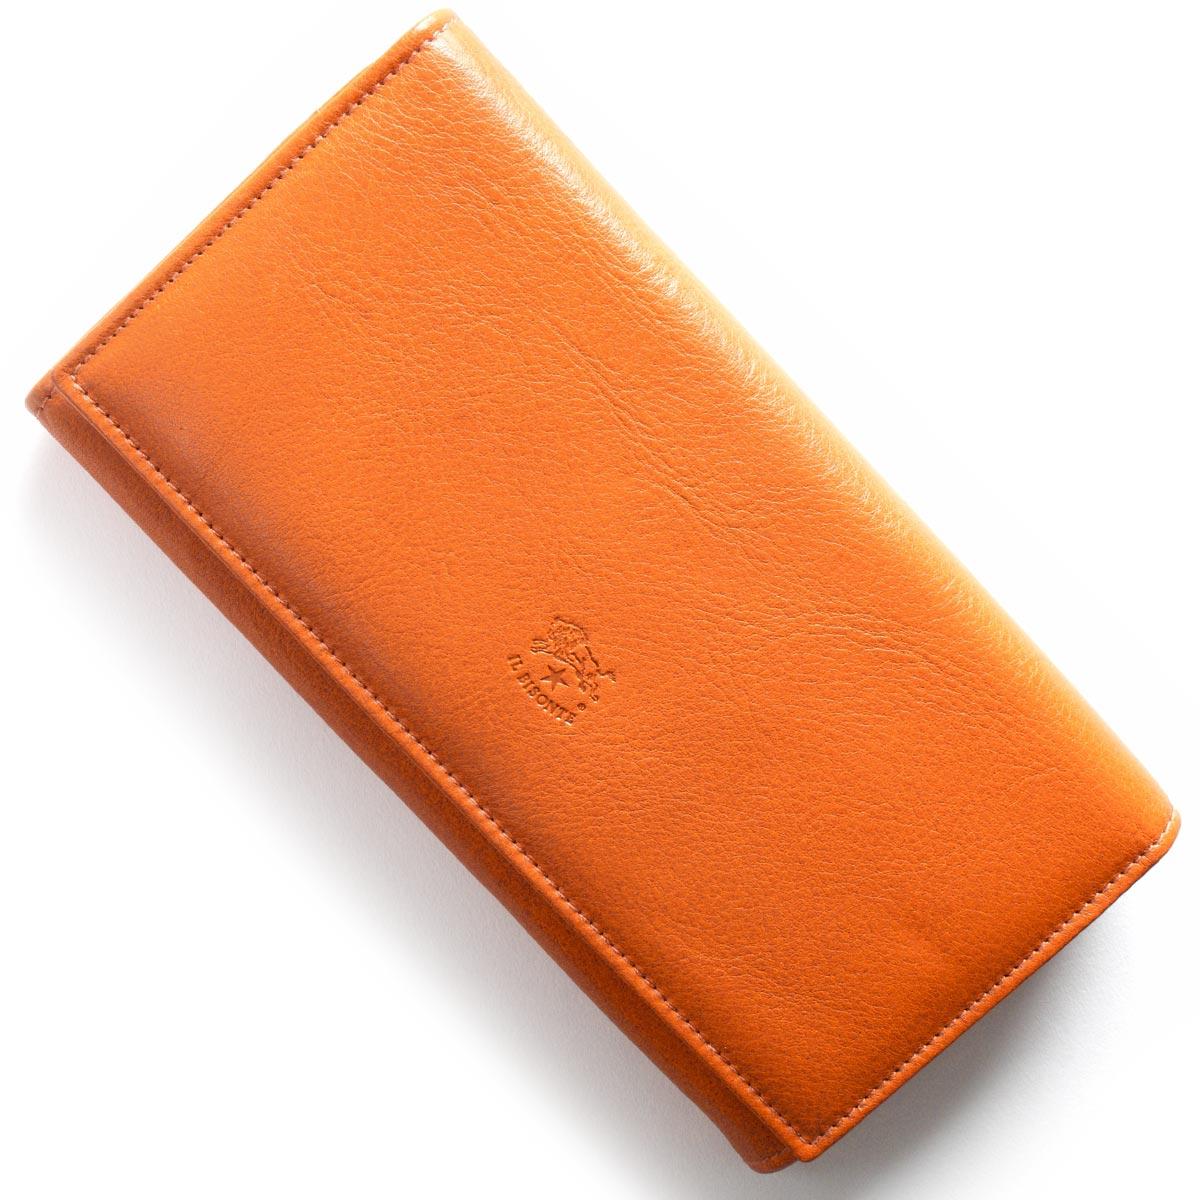 イルビゾンテ 長財布 財布 メンズ レディース スタンダード STANDARD オレンジ C0989 P 166 IL BISONTE